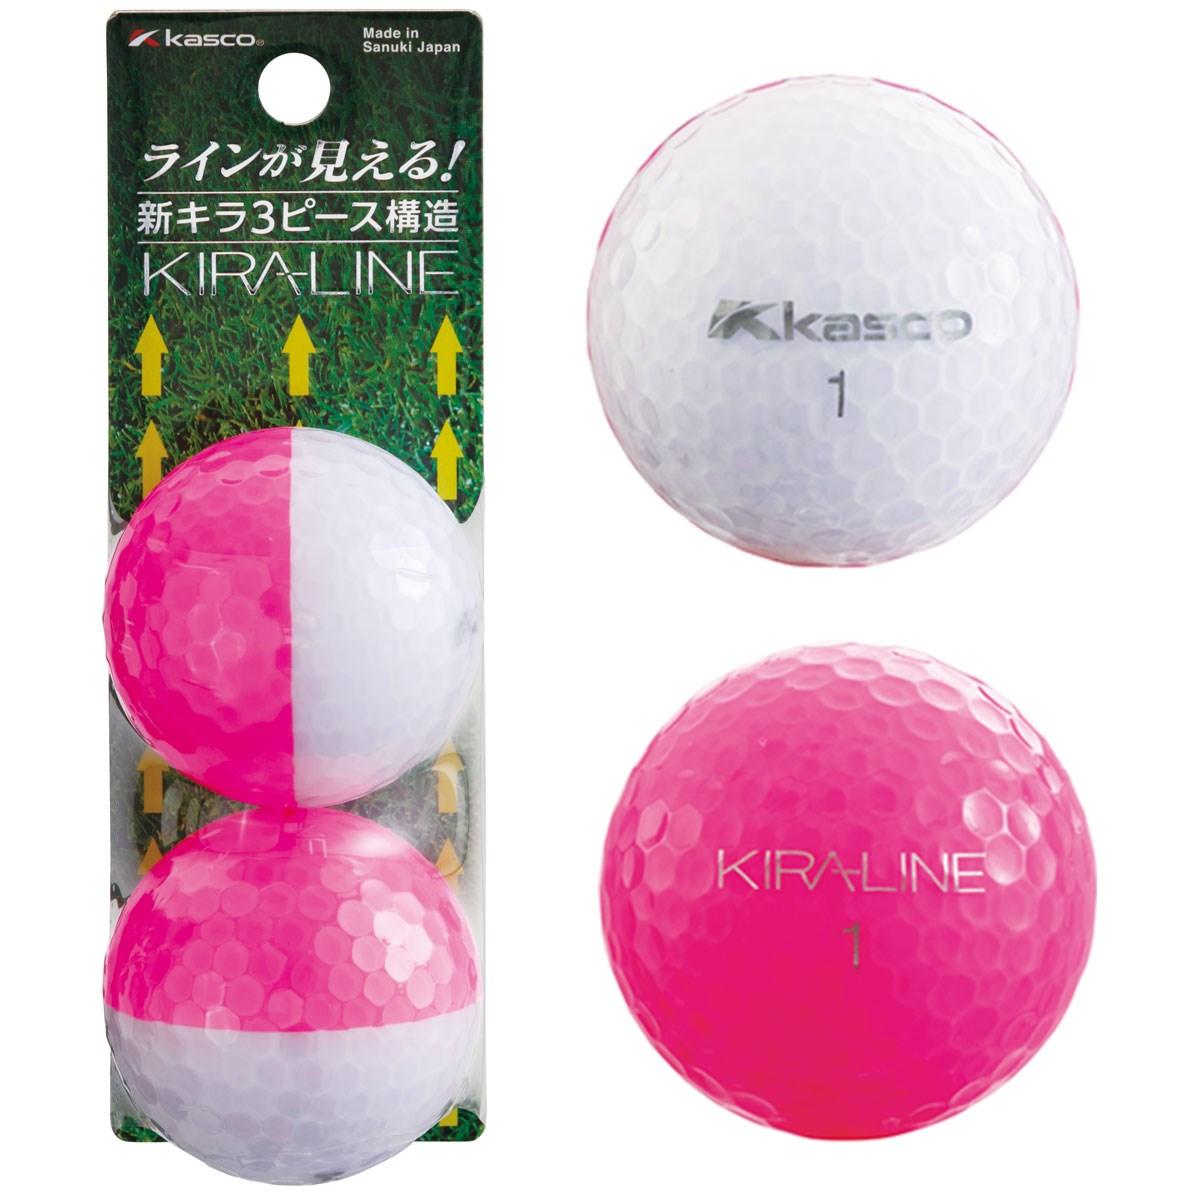 キャスコ KIRA KIRA LINE ボール 2球パック 2個入り ピンク/ホワイト